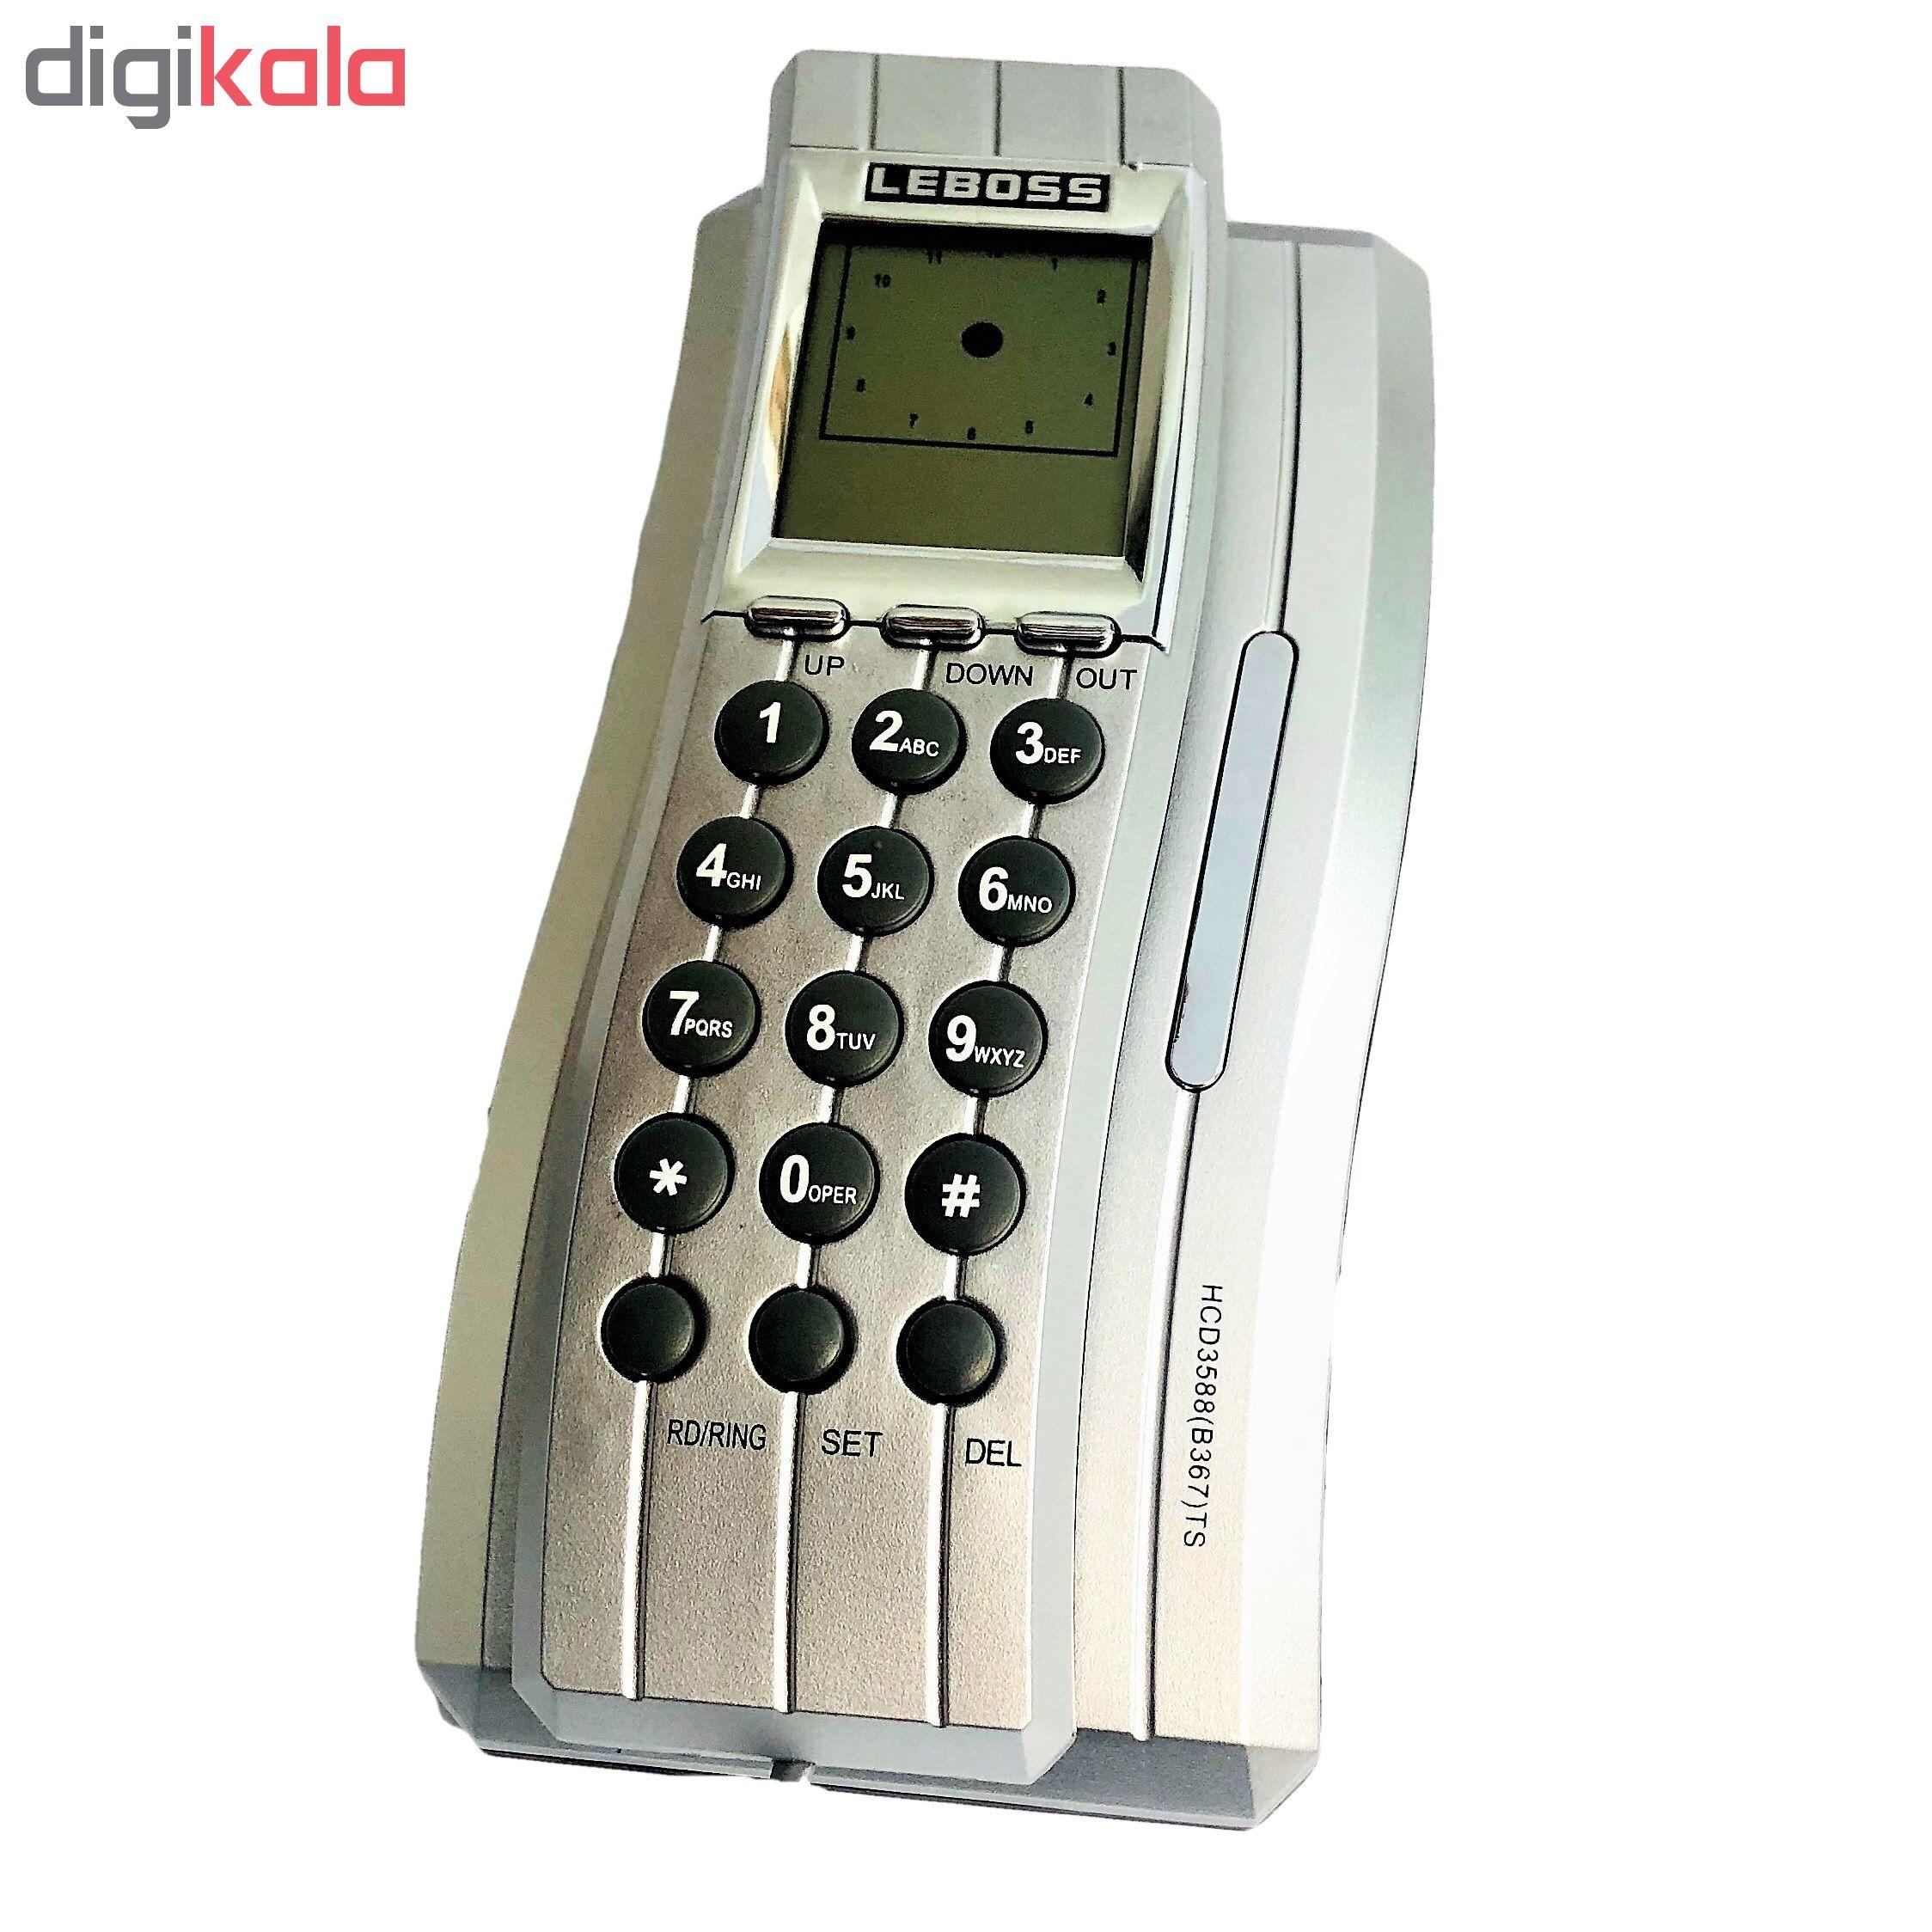 تلفن لیبوس مدل B367TS در بزرگترین فروشگاه اینترنتی جنوب کشور ویزمارکت